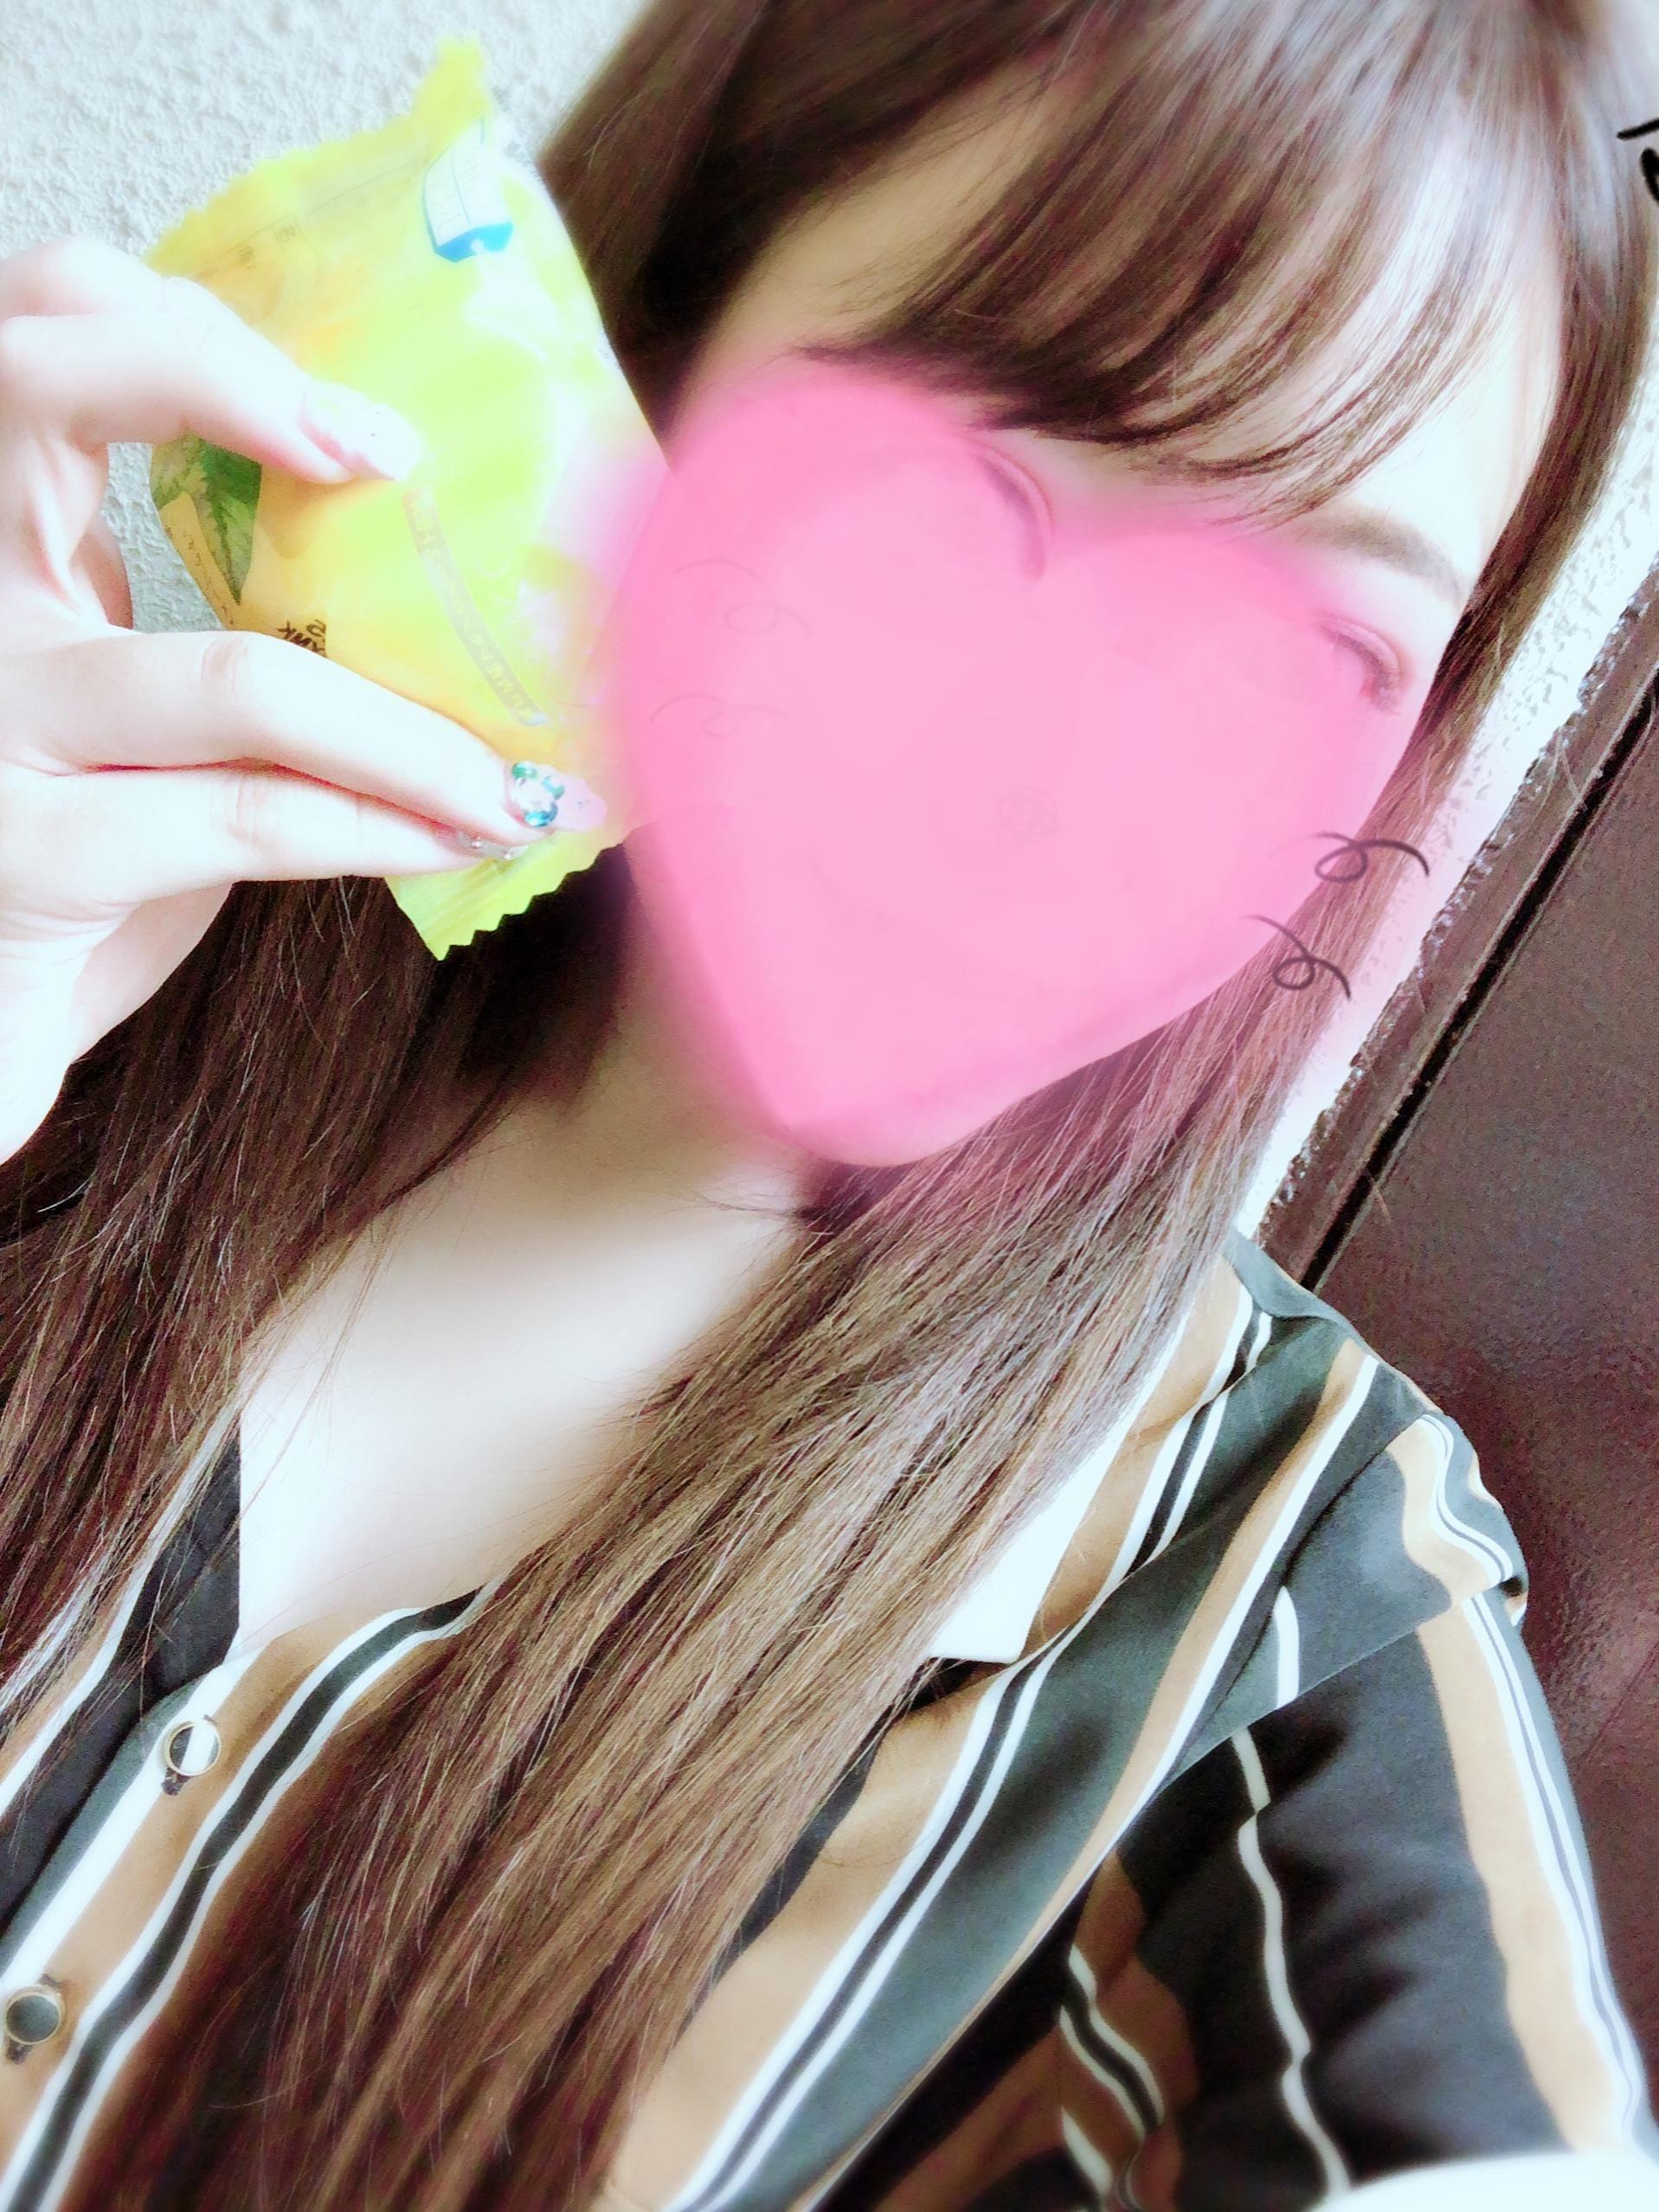 「はなです」09/15(09/15) 04:16 | はなちゃんの写メ・風俗動画